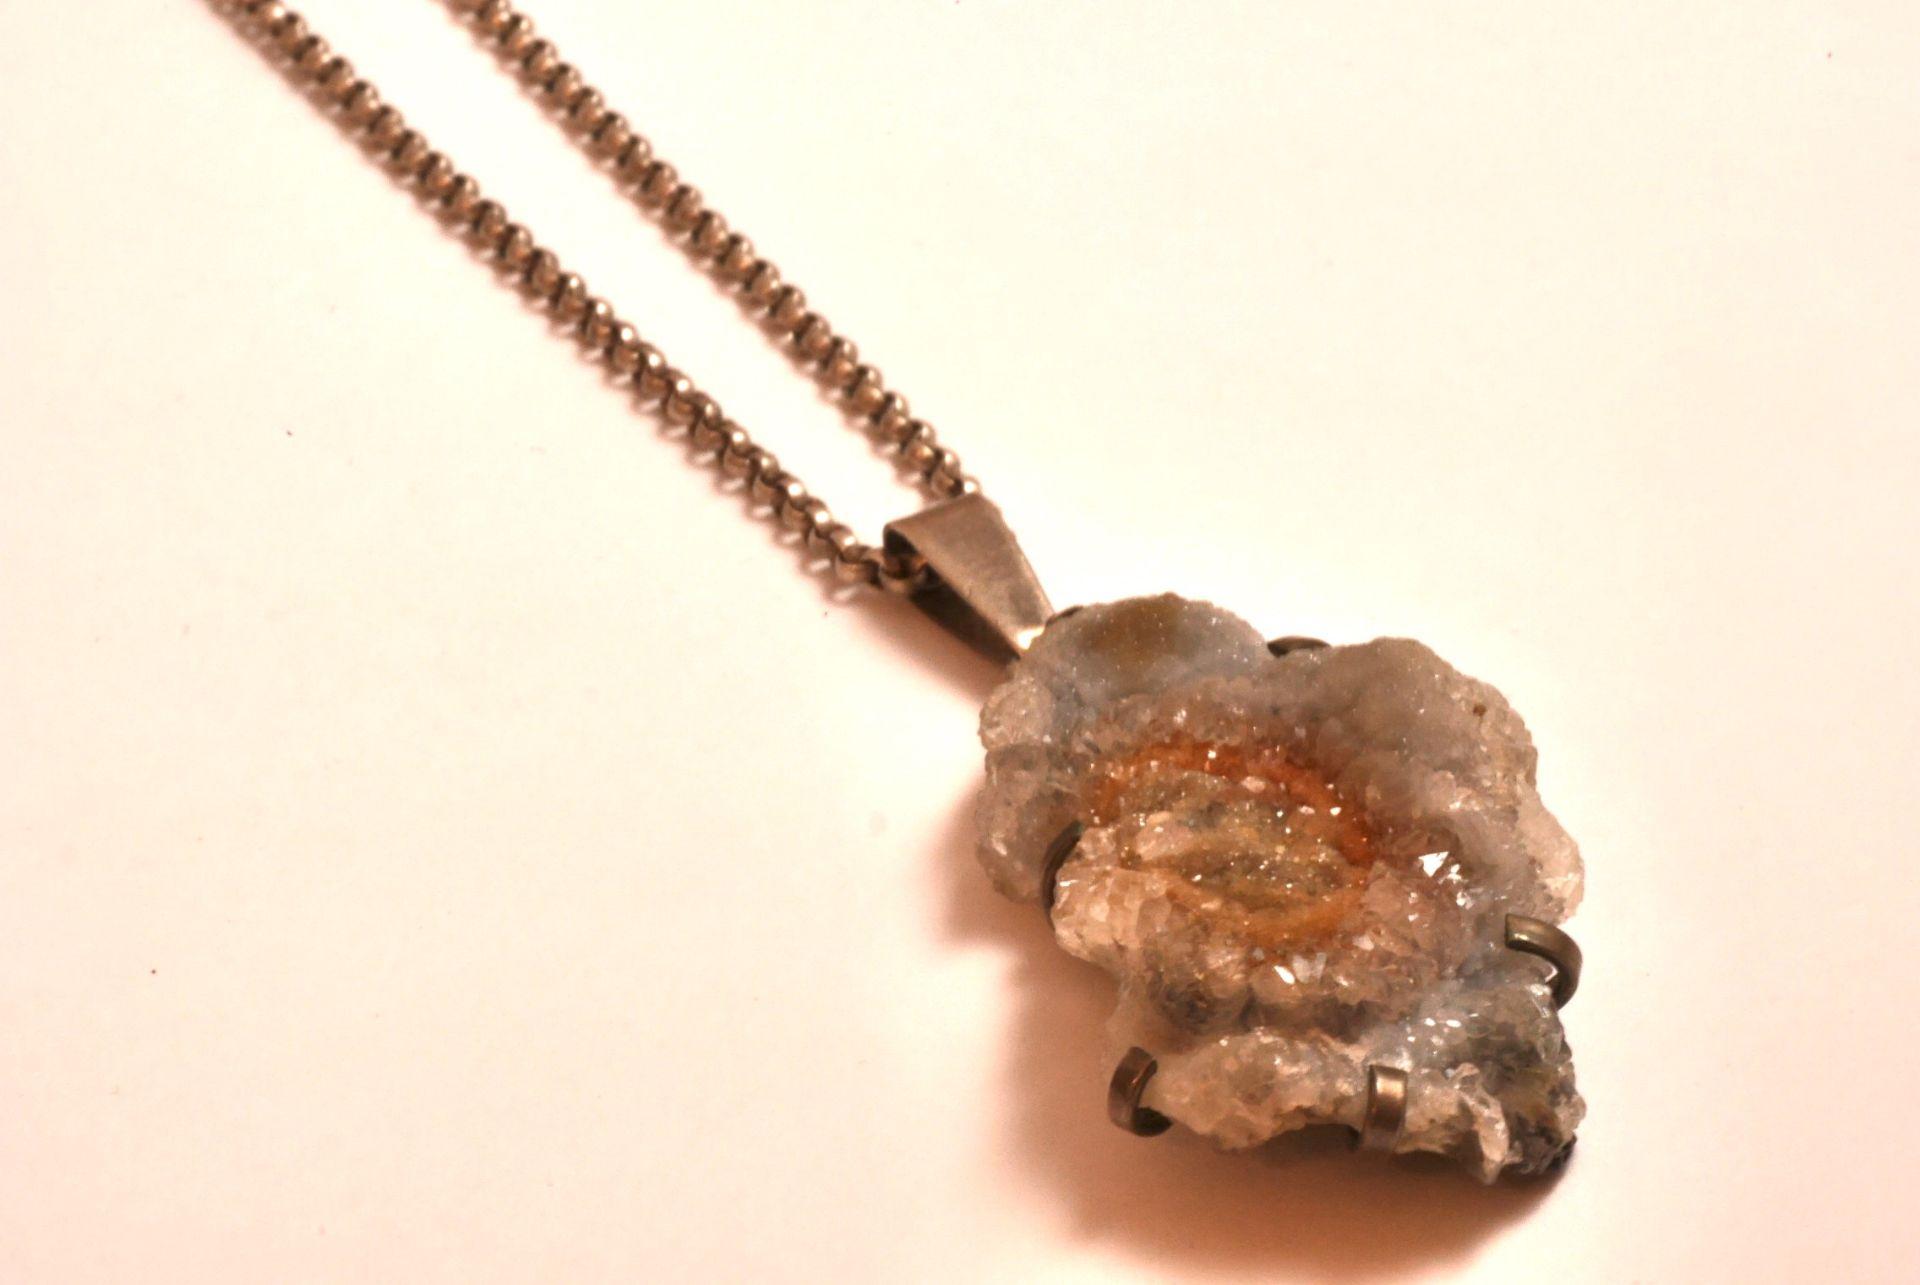 Tracht: Halskette Silber 835, mit Anhänger Gestein - Bild 2 aus 4